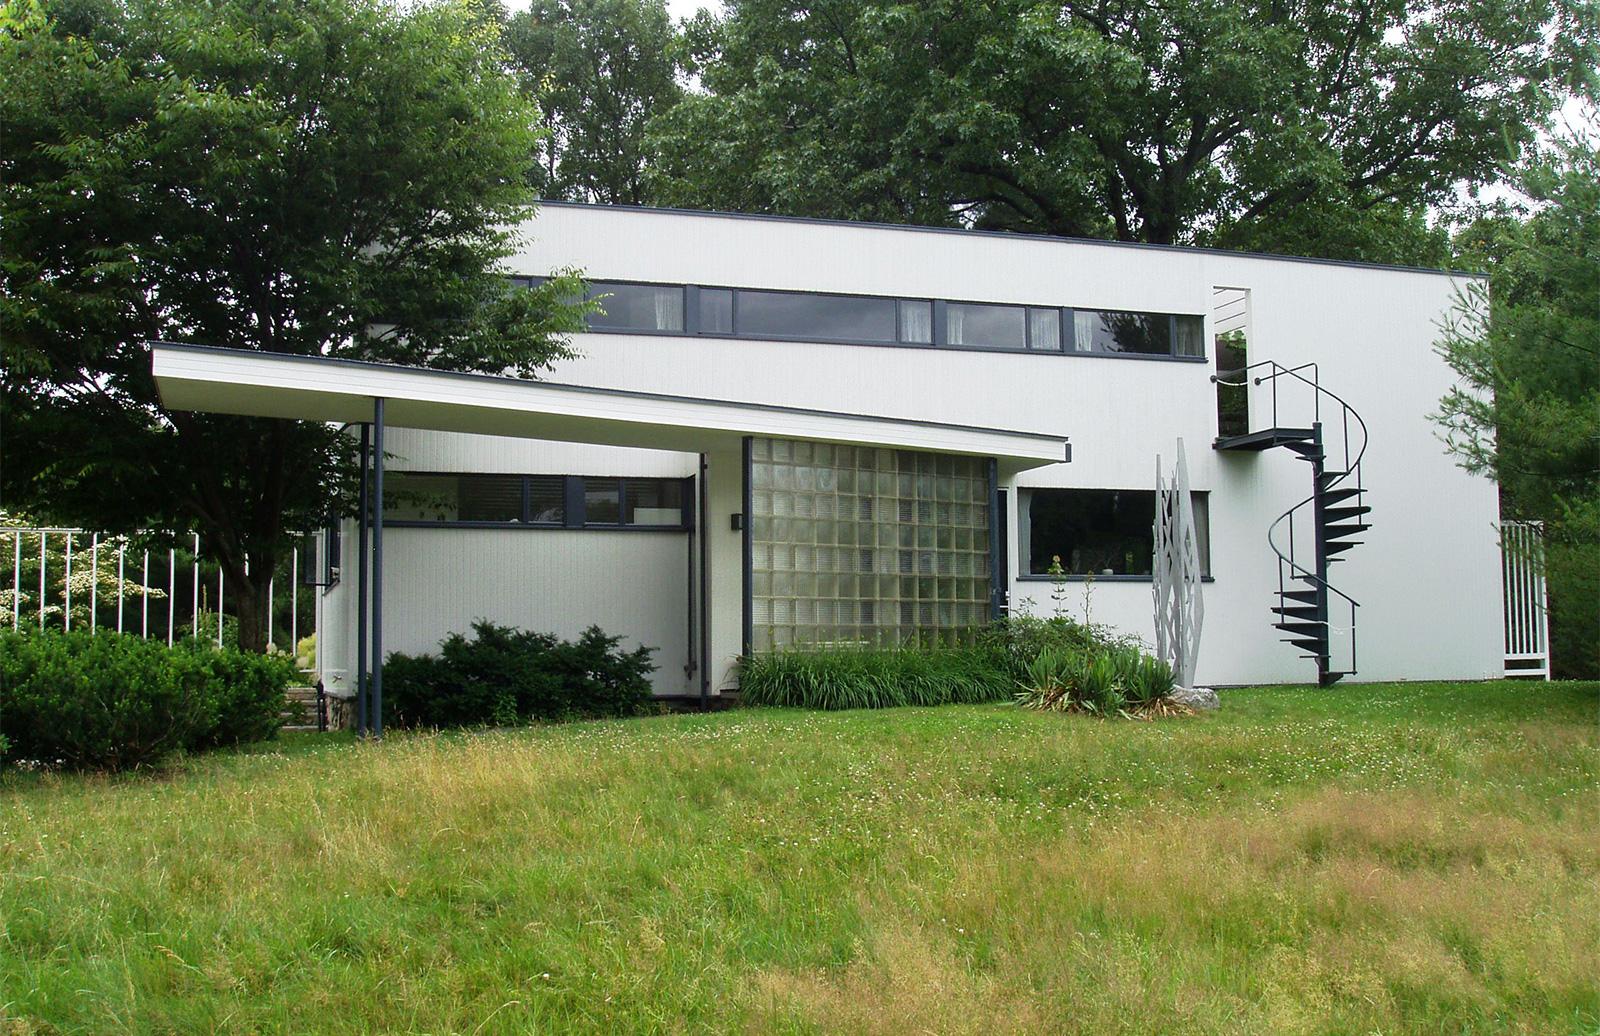 Gropius House in Lincoln, Massachusettes